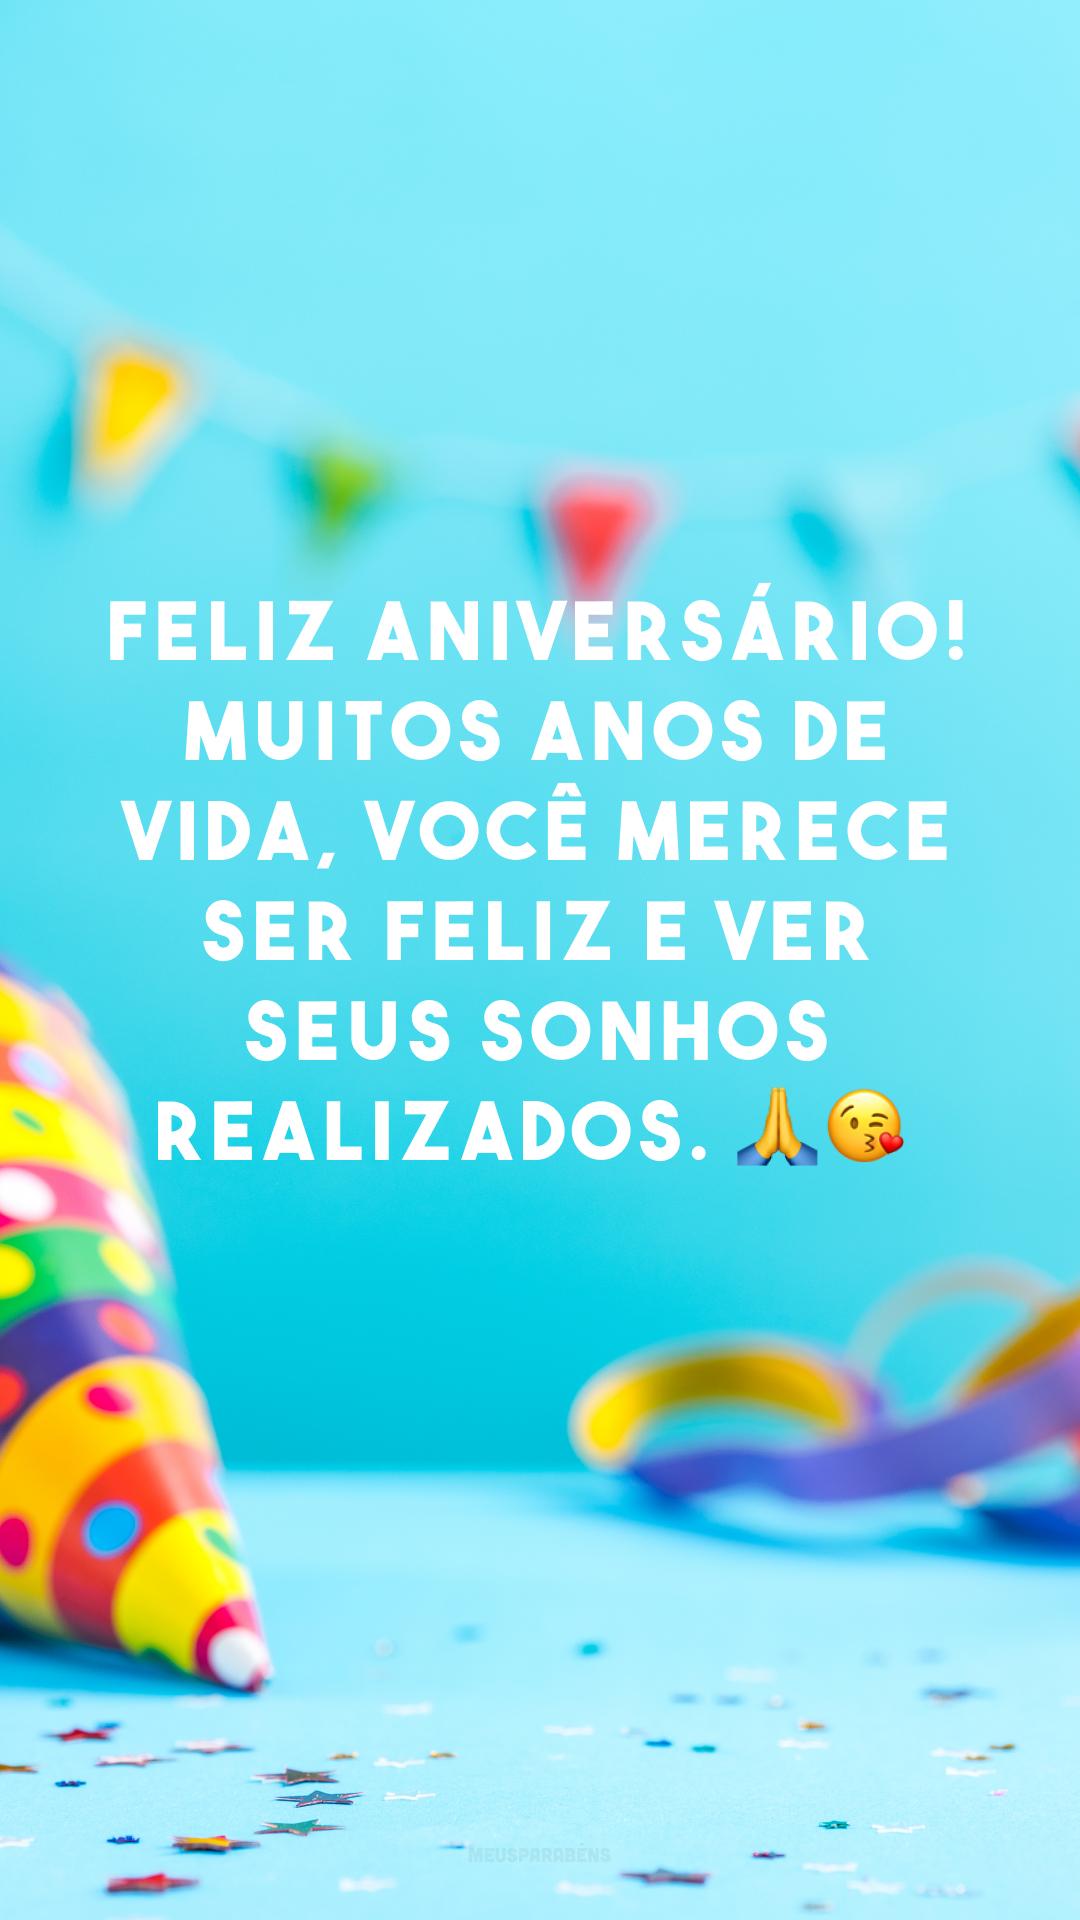 Feliz aniversário! Muitos anos de vida, você merece ser feliz e ver seus sonhos realizados. 🙏😘<br />